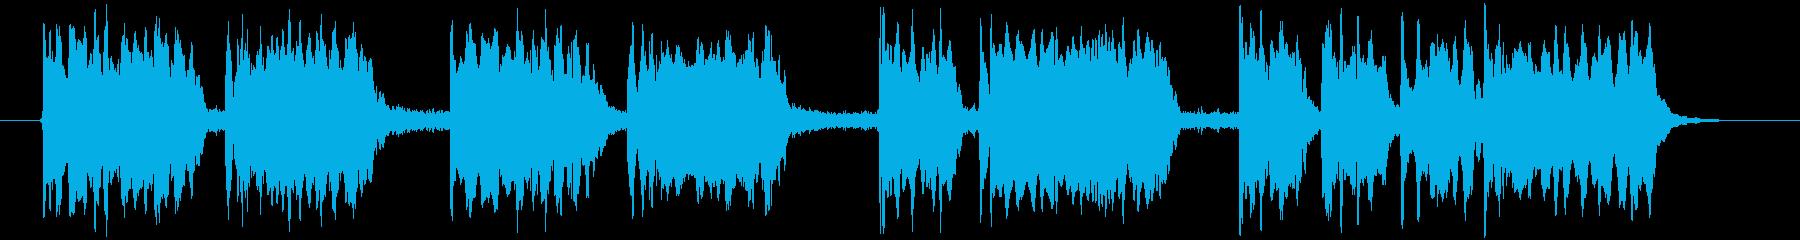 ブルズクォートとティンパニの再生済みの波形